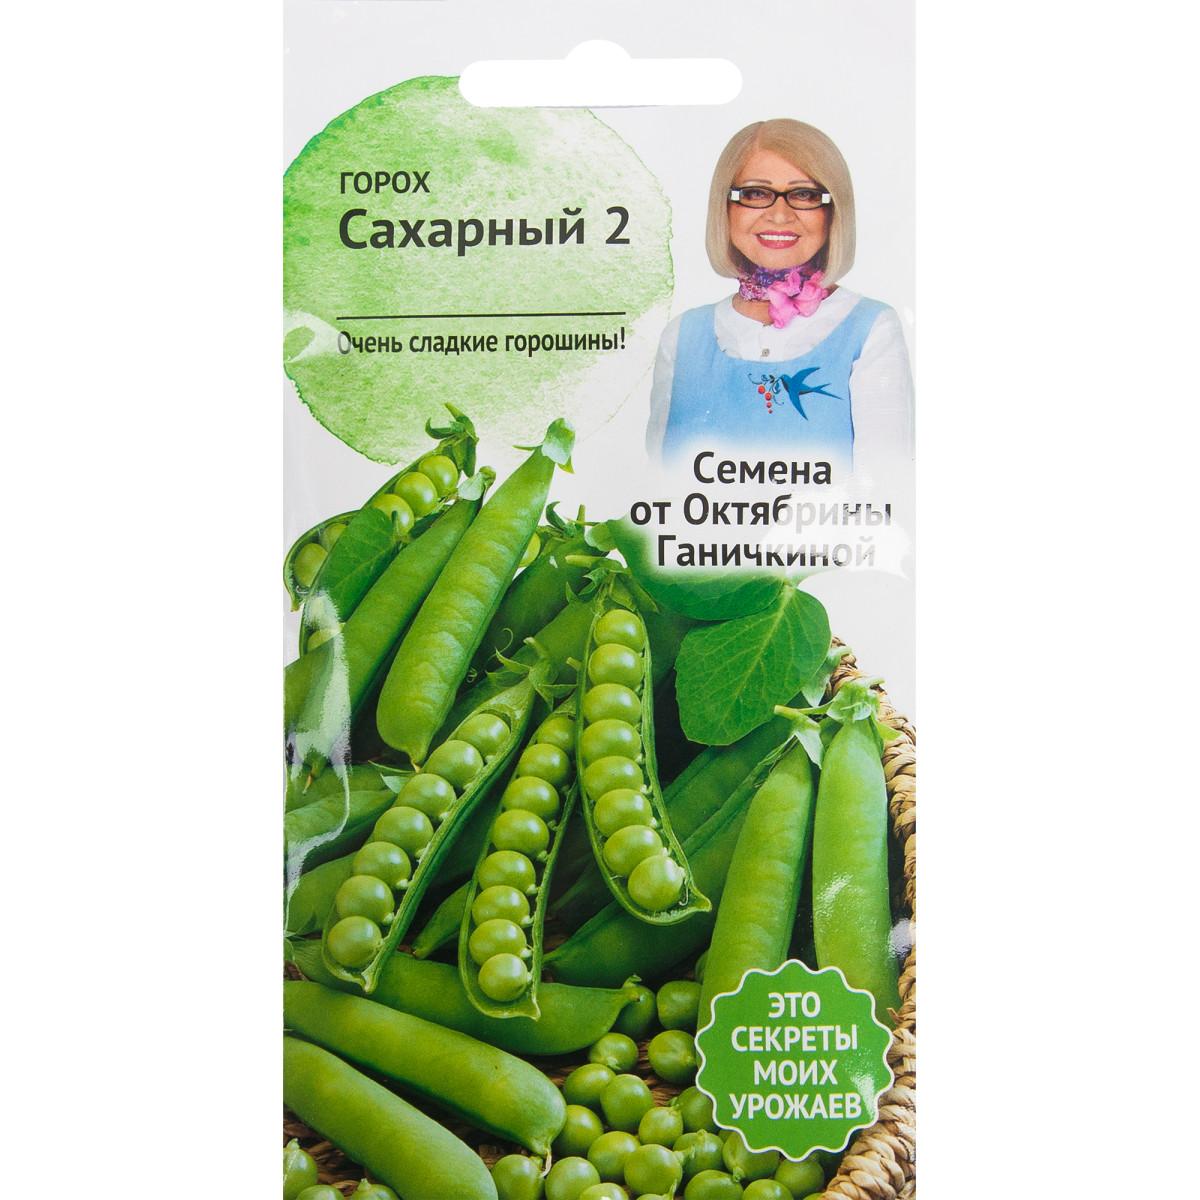 Семена Горох Сахарный 2 10 г